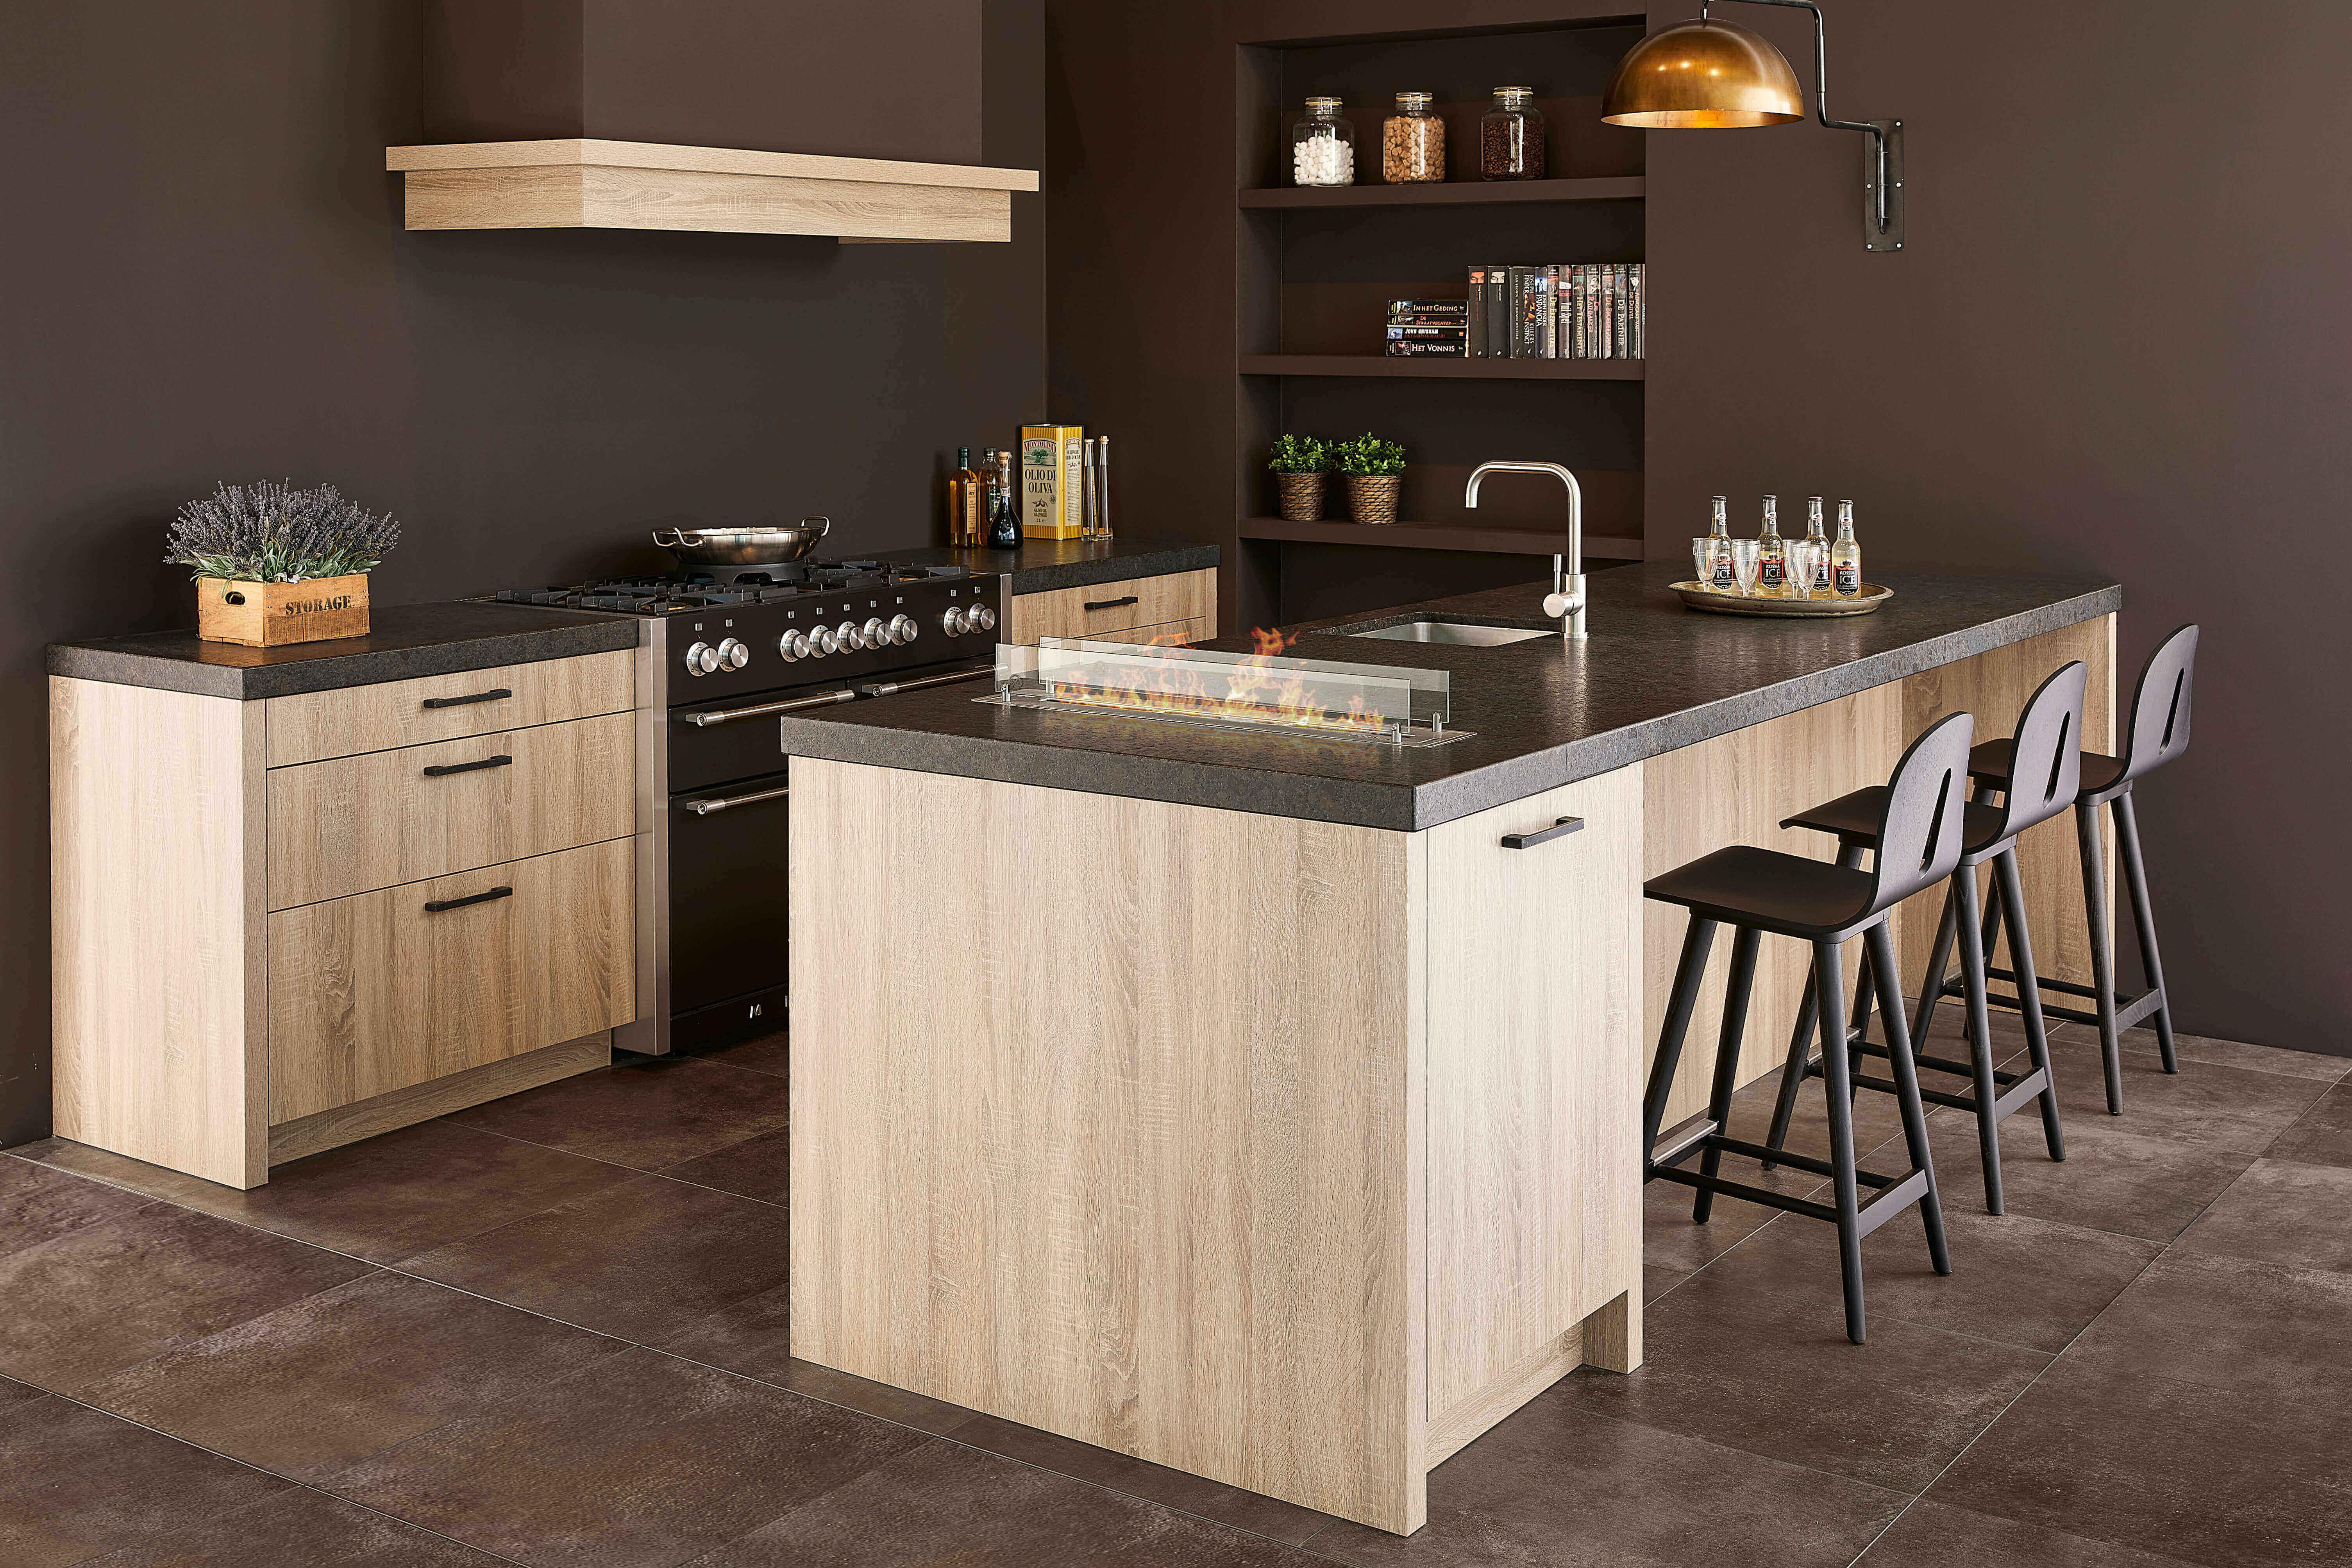 Maatwerk keukens van Tieleman Keukens